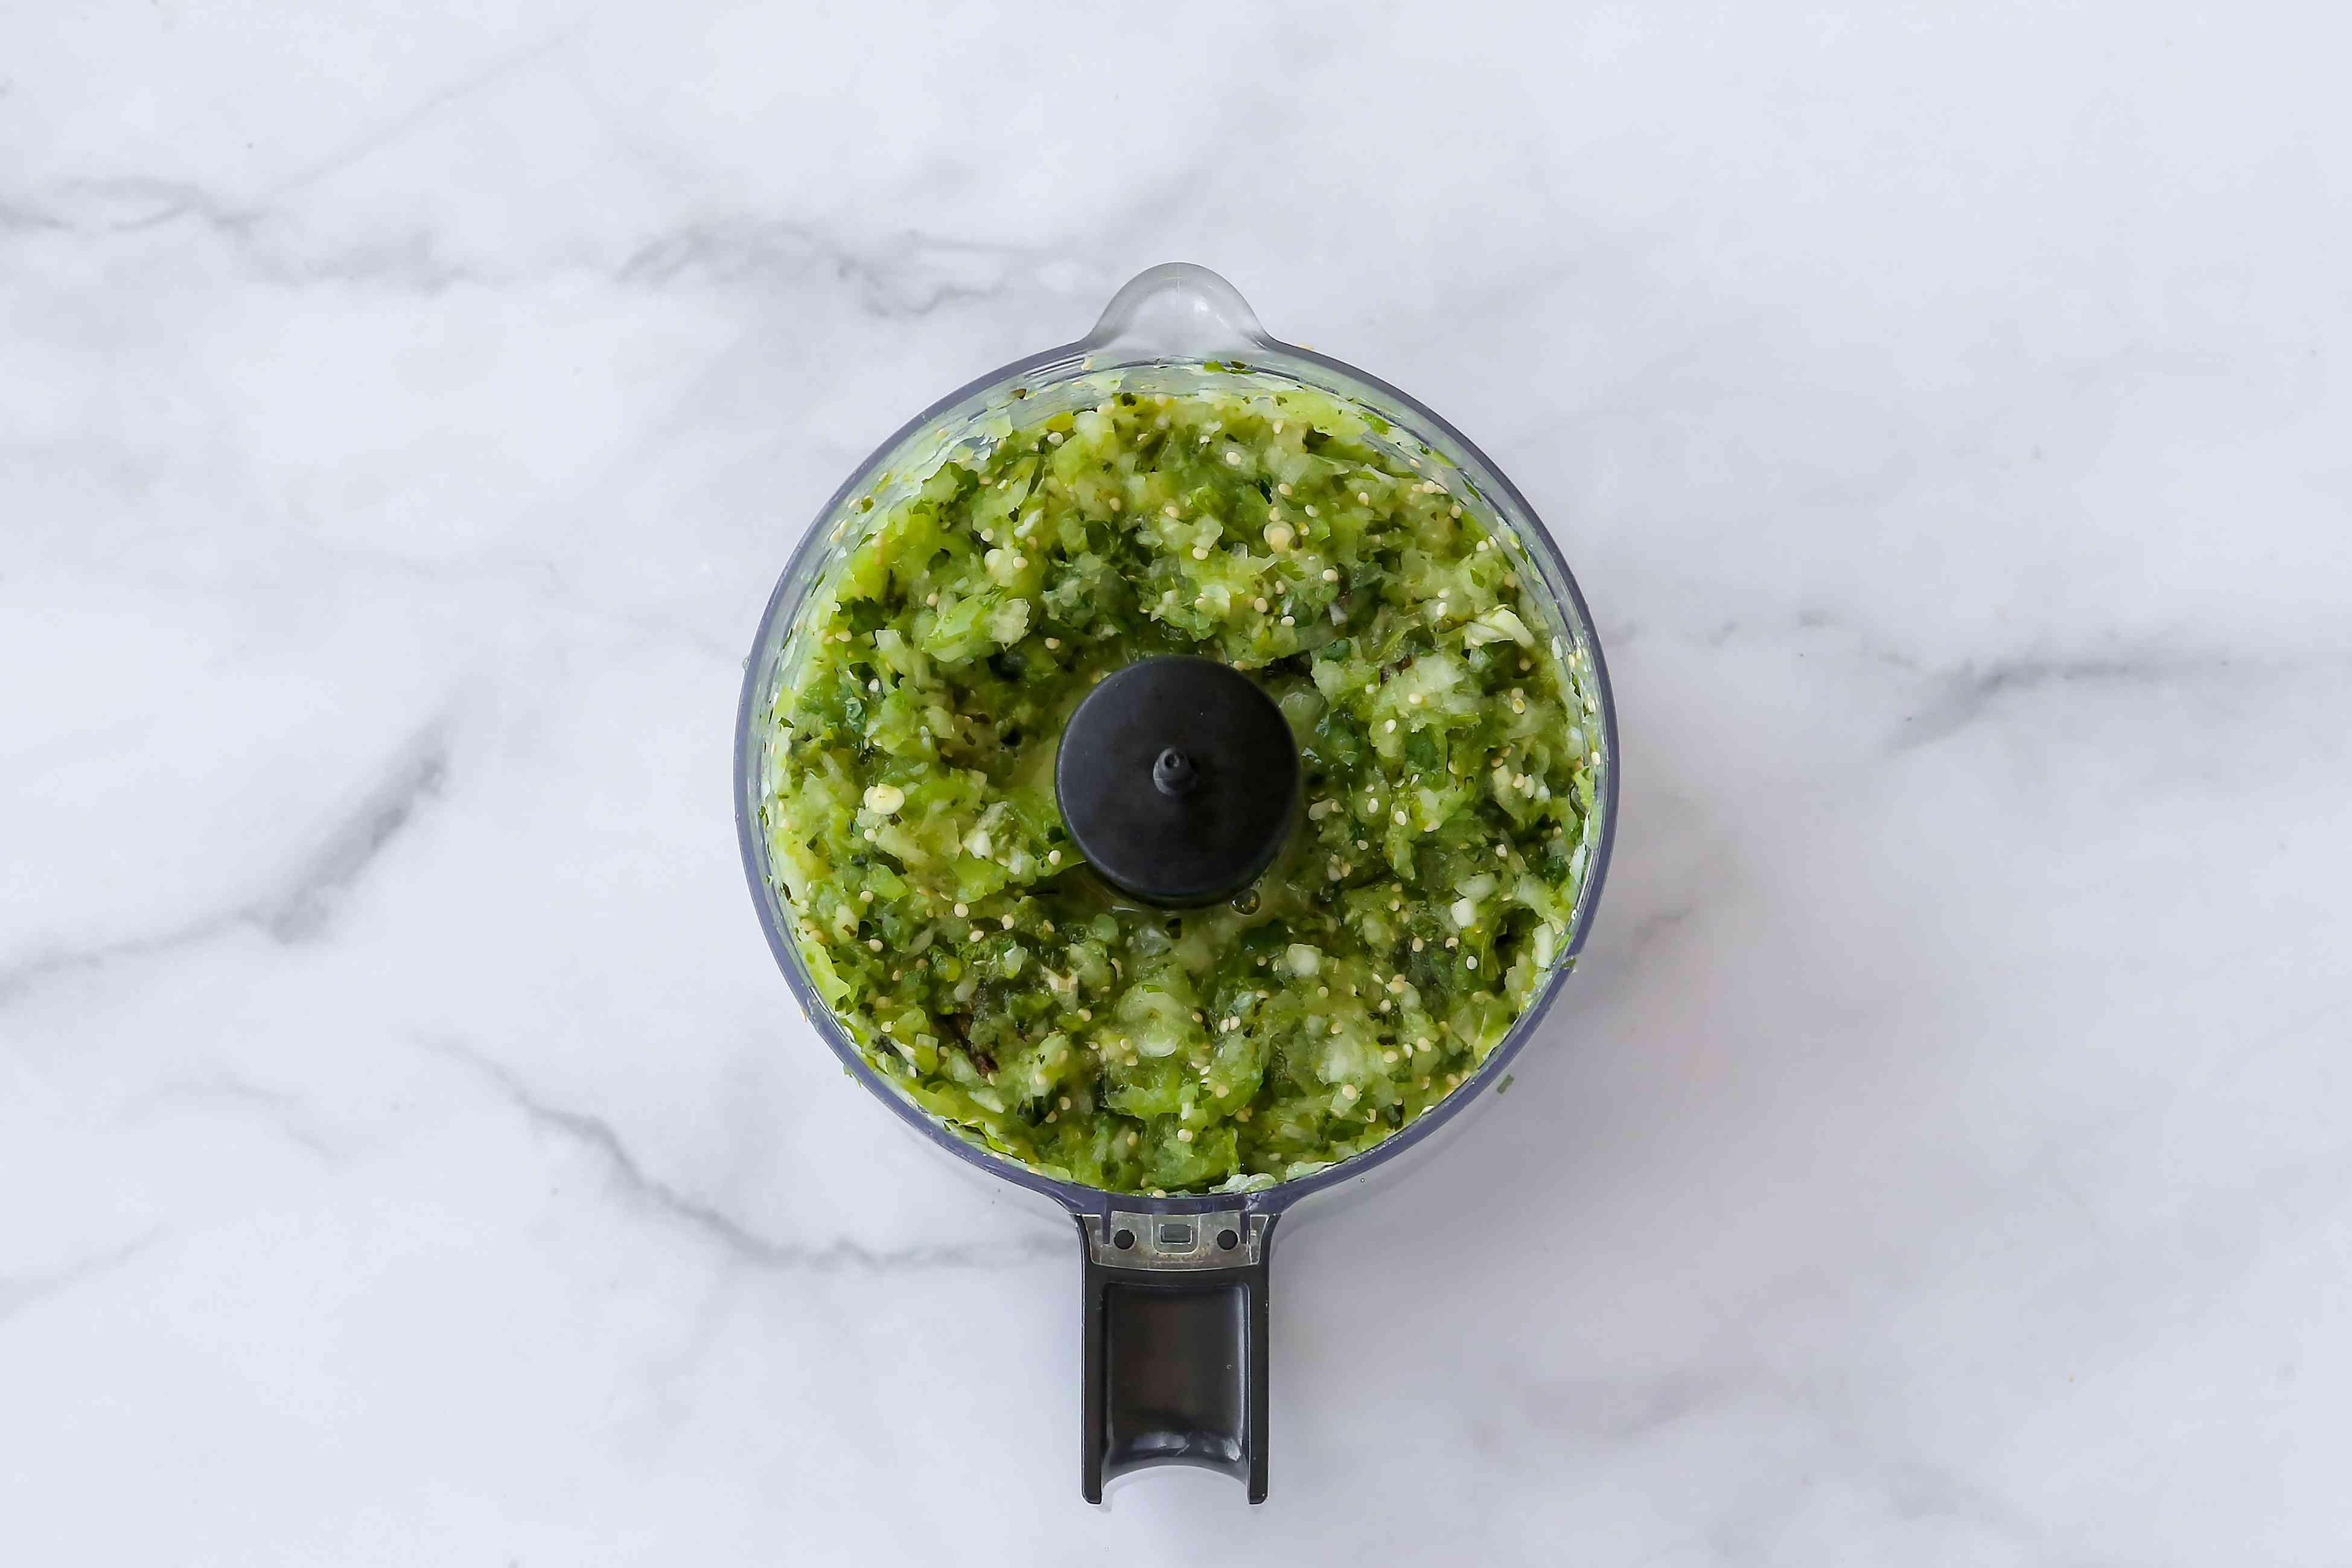 Salsa Verde ingredients in a food processor